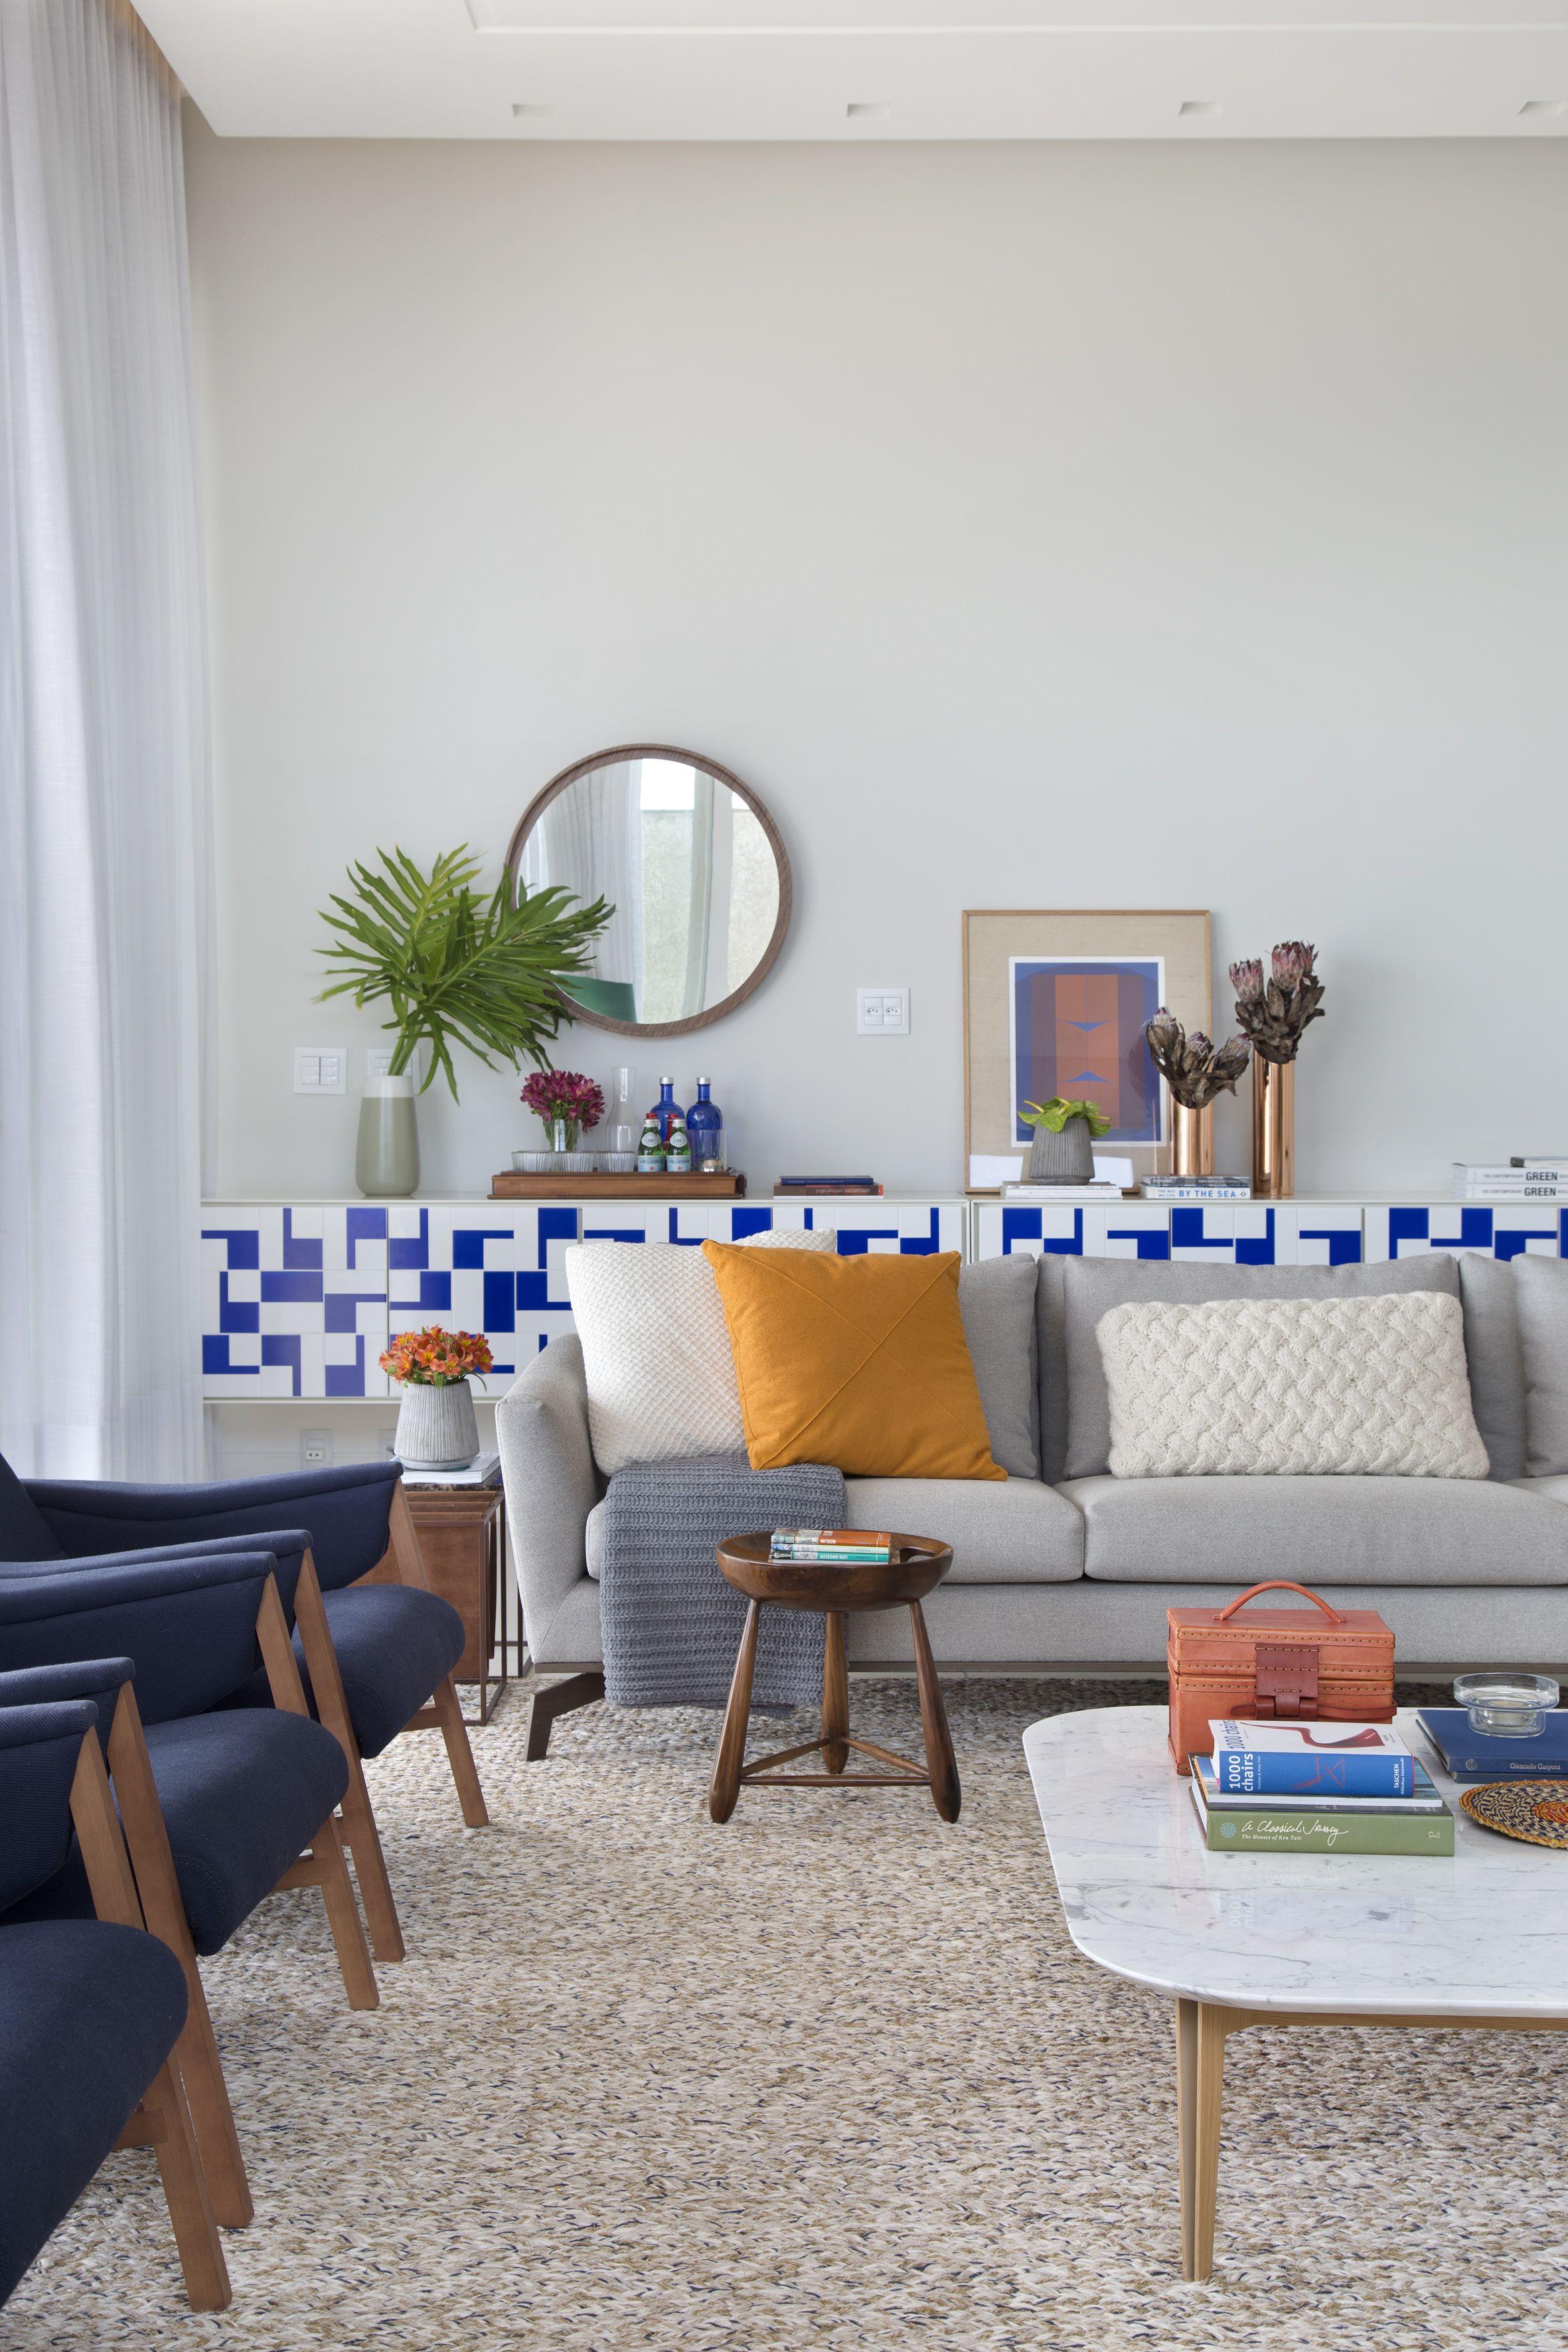 #casa #arquitetura #arlivre #familia #lifestyle #tomazteixeira #babiteixeira #interior #decoração #architecture #decoration#varanda #casaejardim